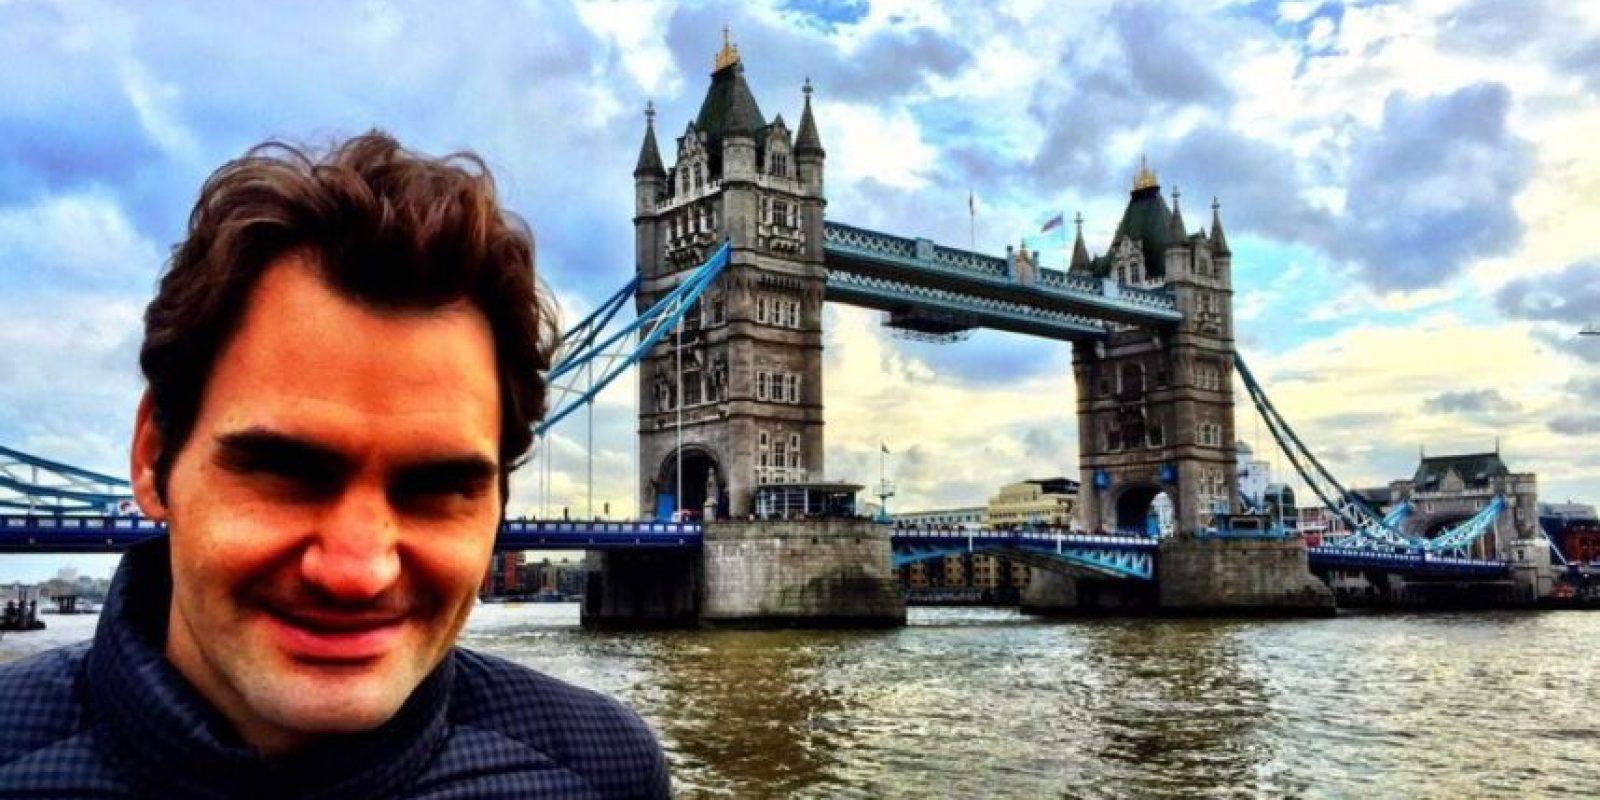 Roger Federer visitó la emblemática Tower Bridge. Foto:twitter.com/rogerfederer